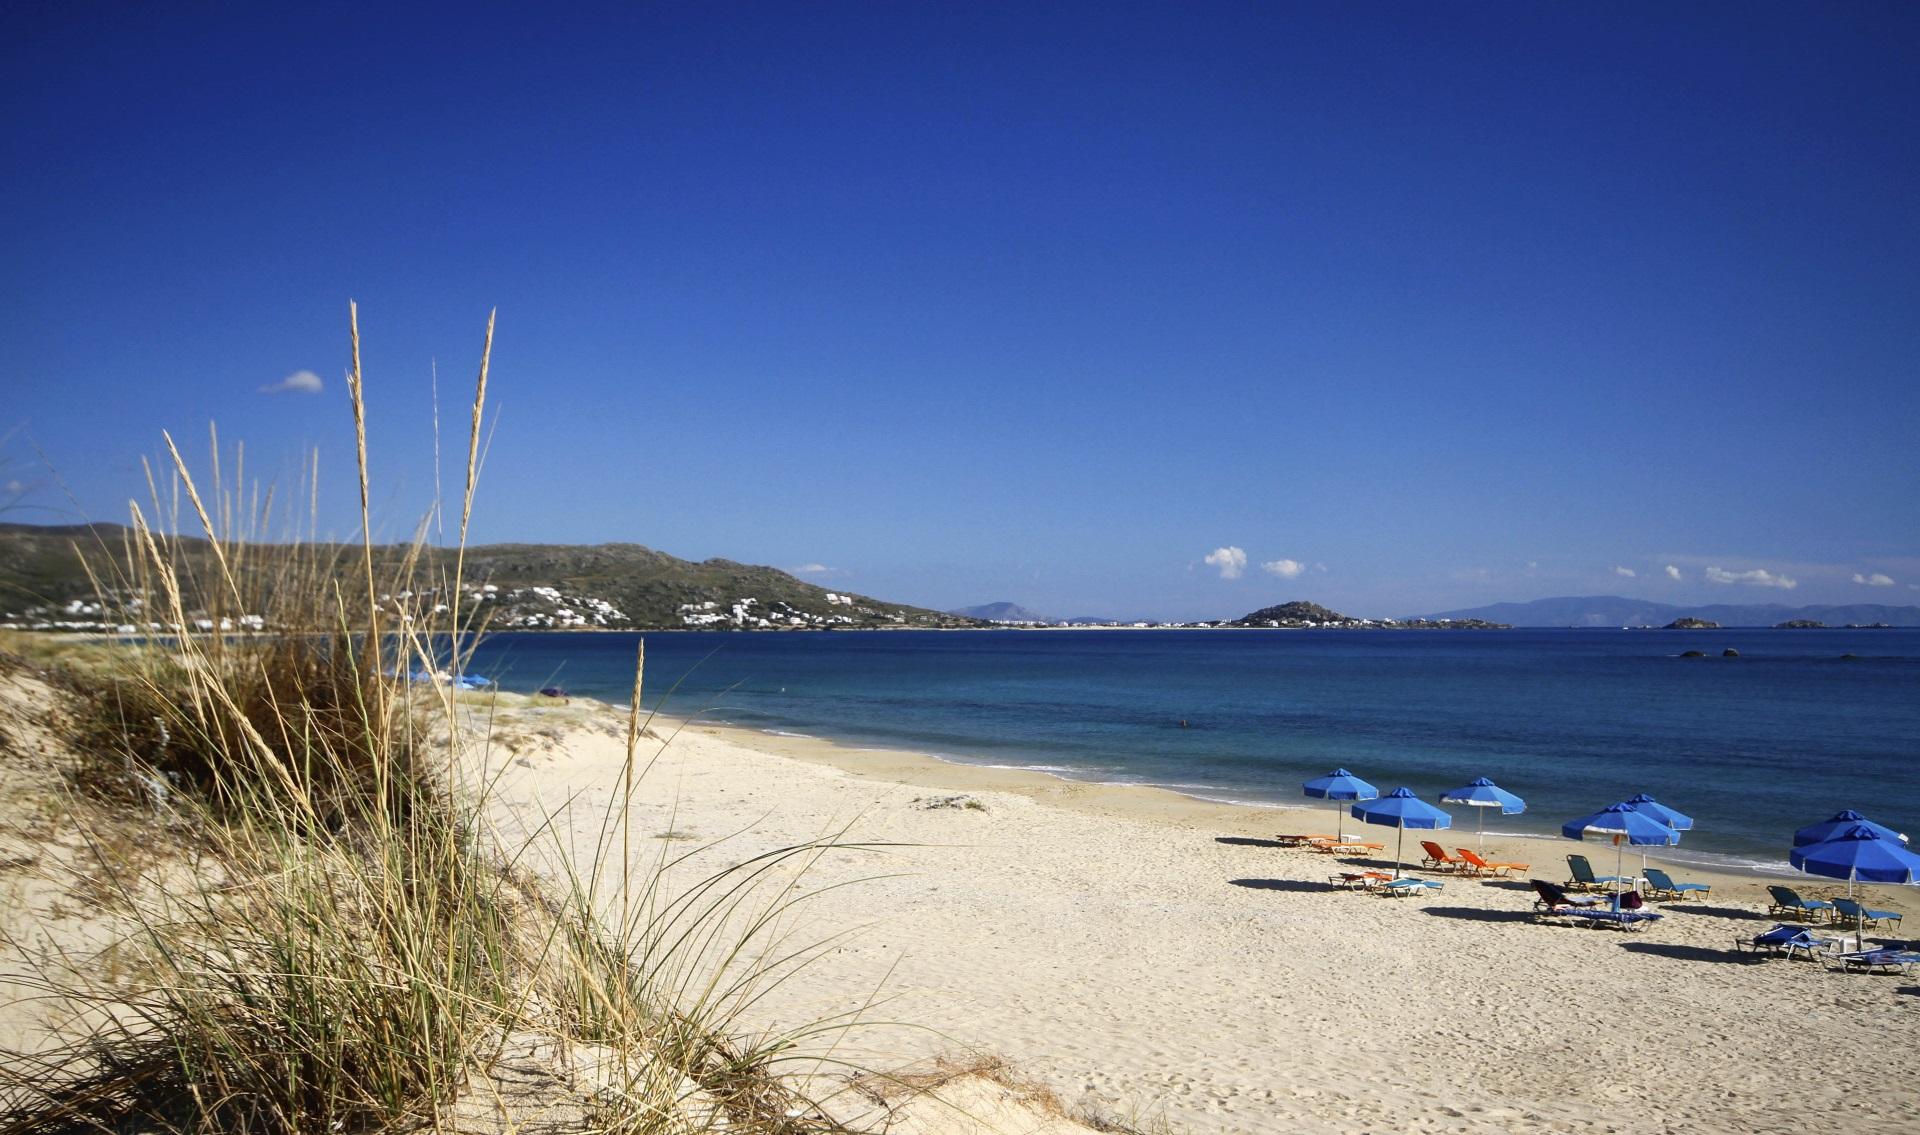 Le spiagge dell'isola di Naxos: